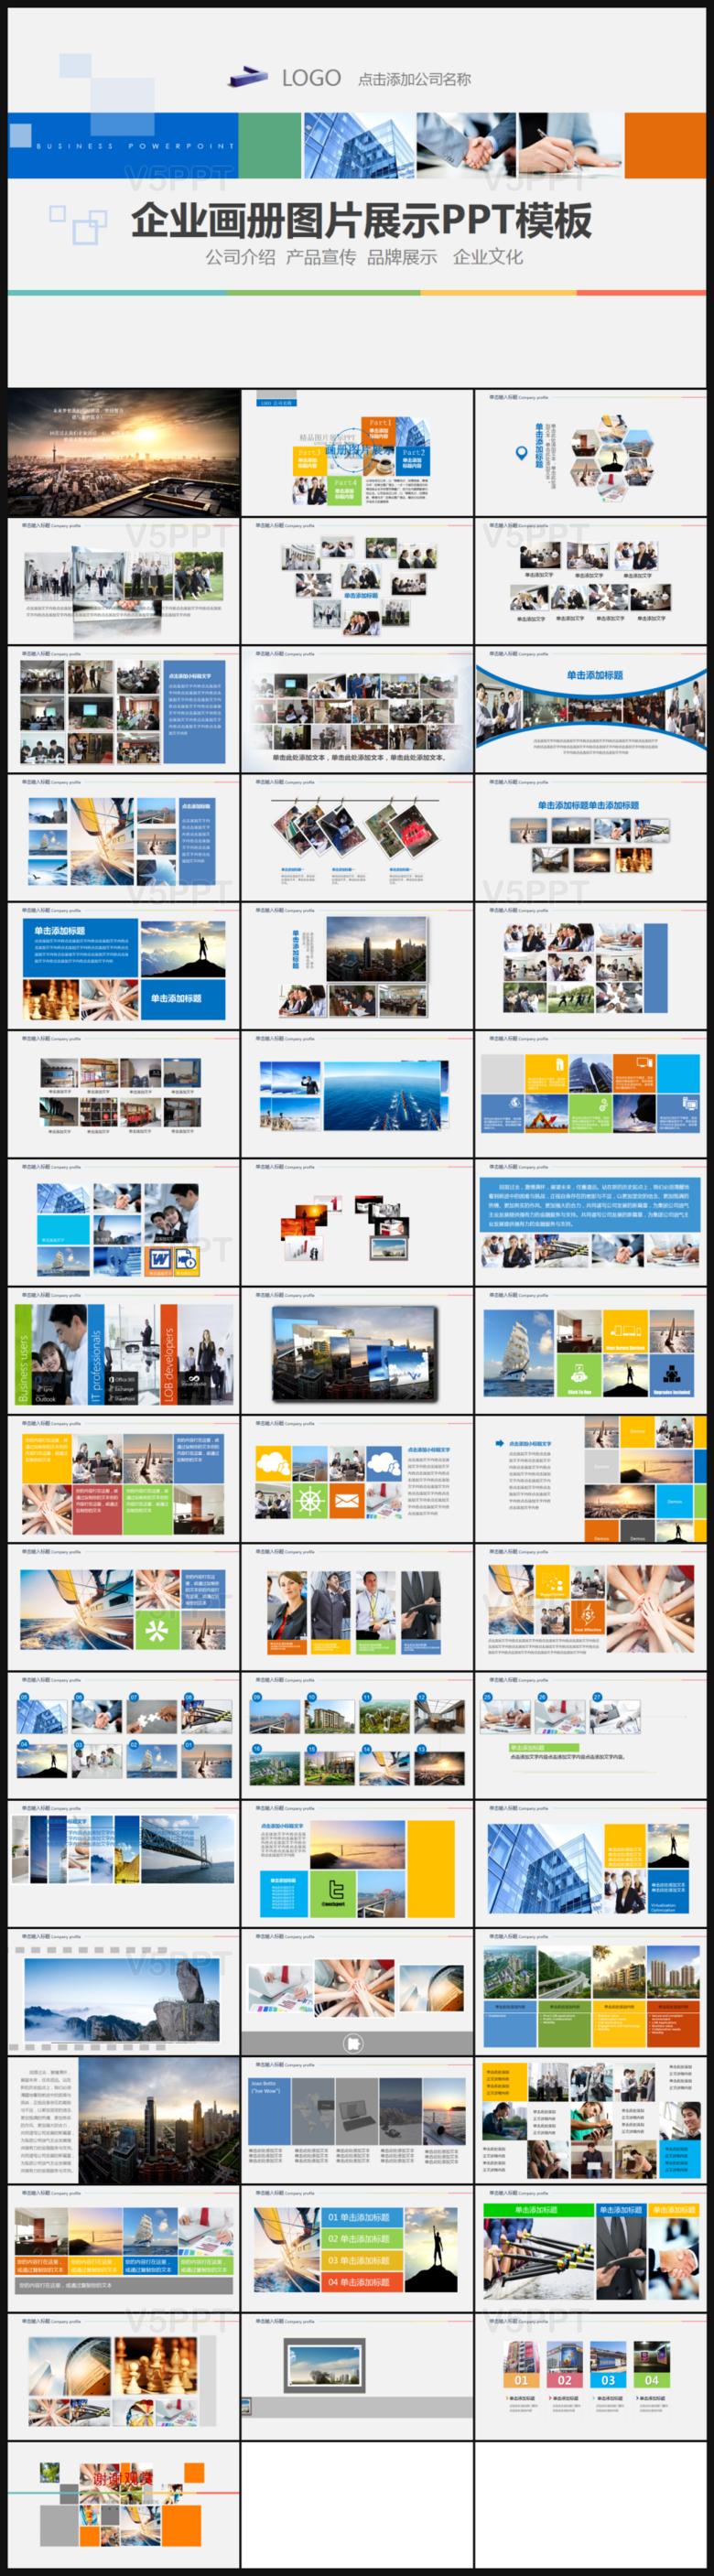 商务企业宣传画册图片活动展示公司介绍PPT模板